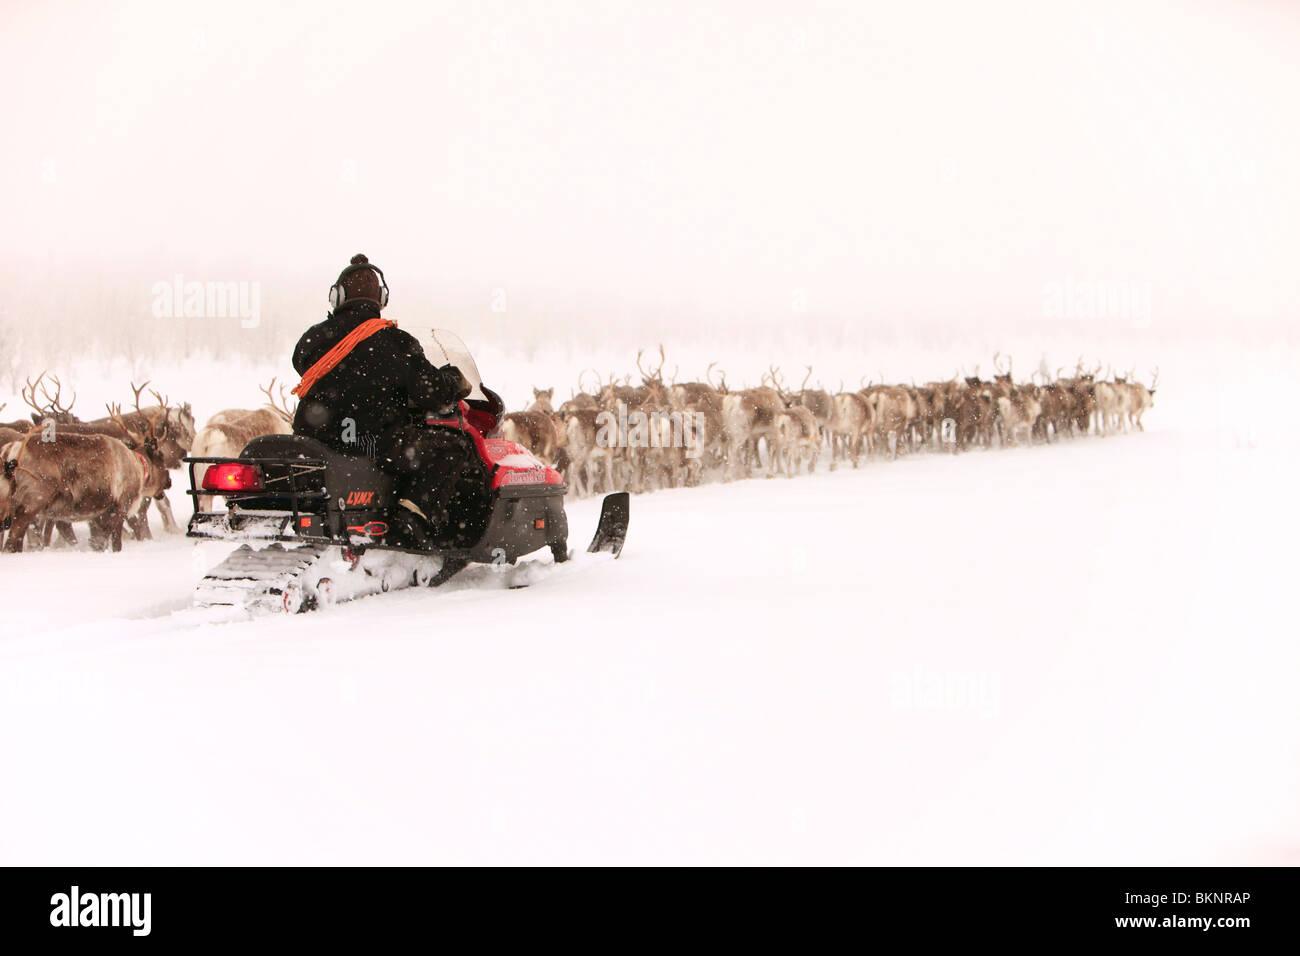 La migración anual de renos sami primavera de Gällivare Stubba nr en Suecia a través de sus tierras Imagen De Stock